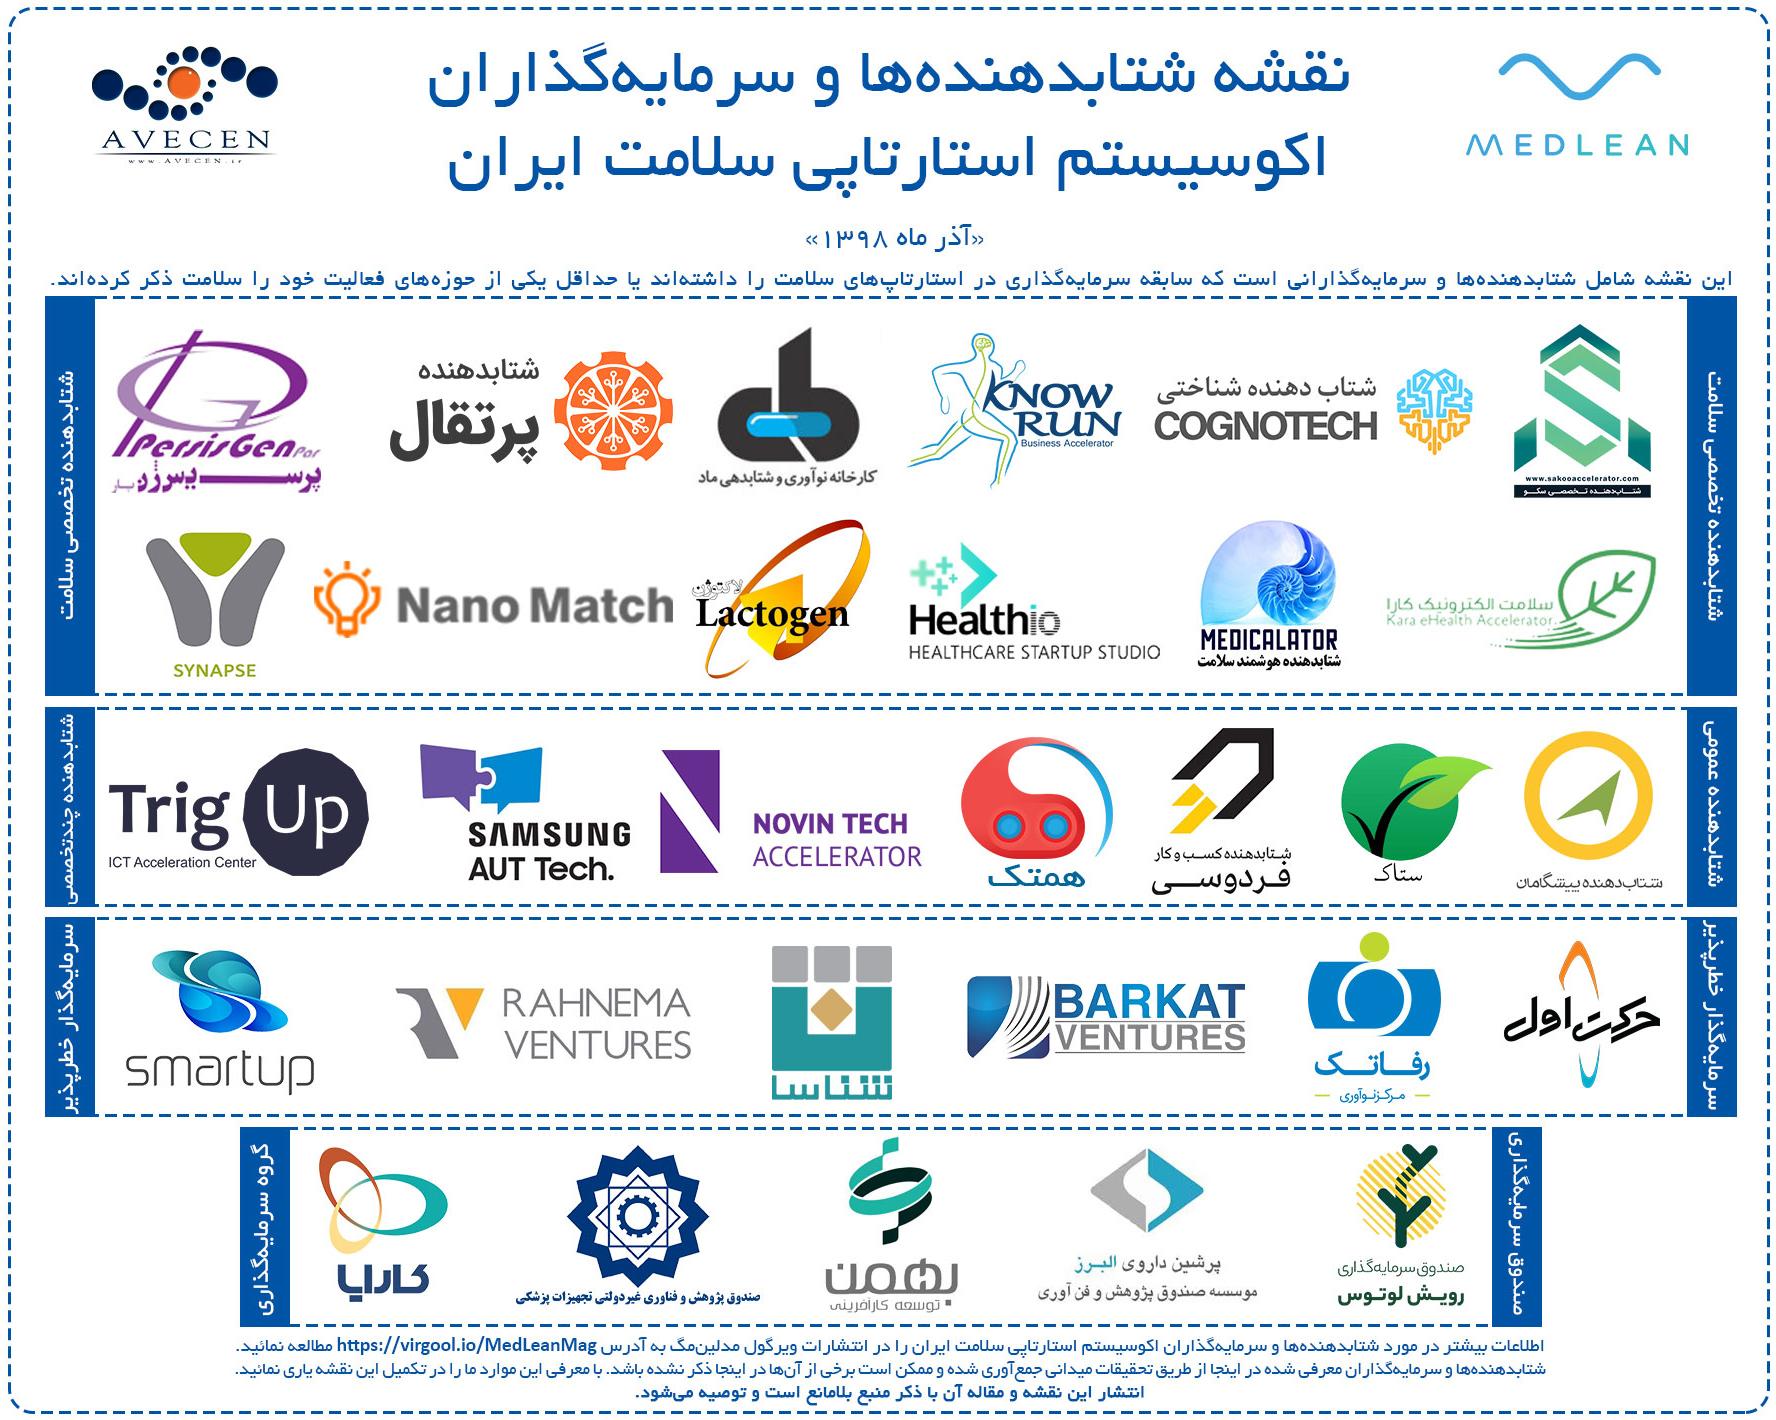 نقشه شتابدهنده ها و سرمایه گذاران اکوسیستم استارتاپی سلامت ایران